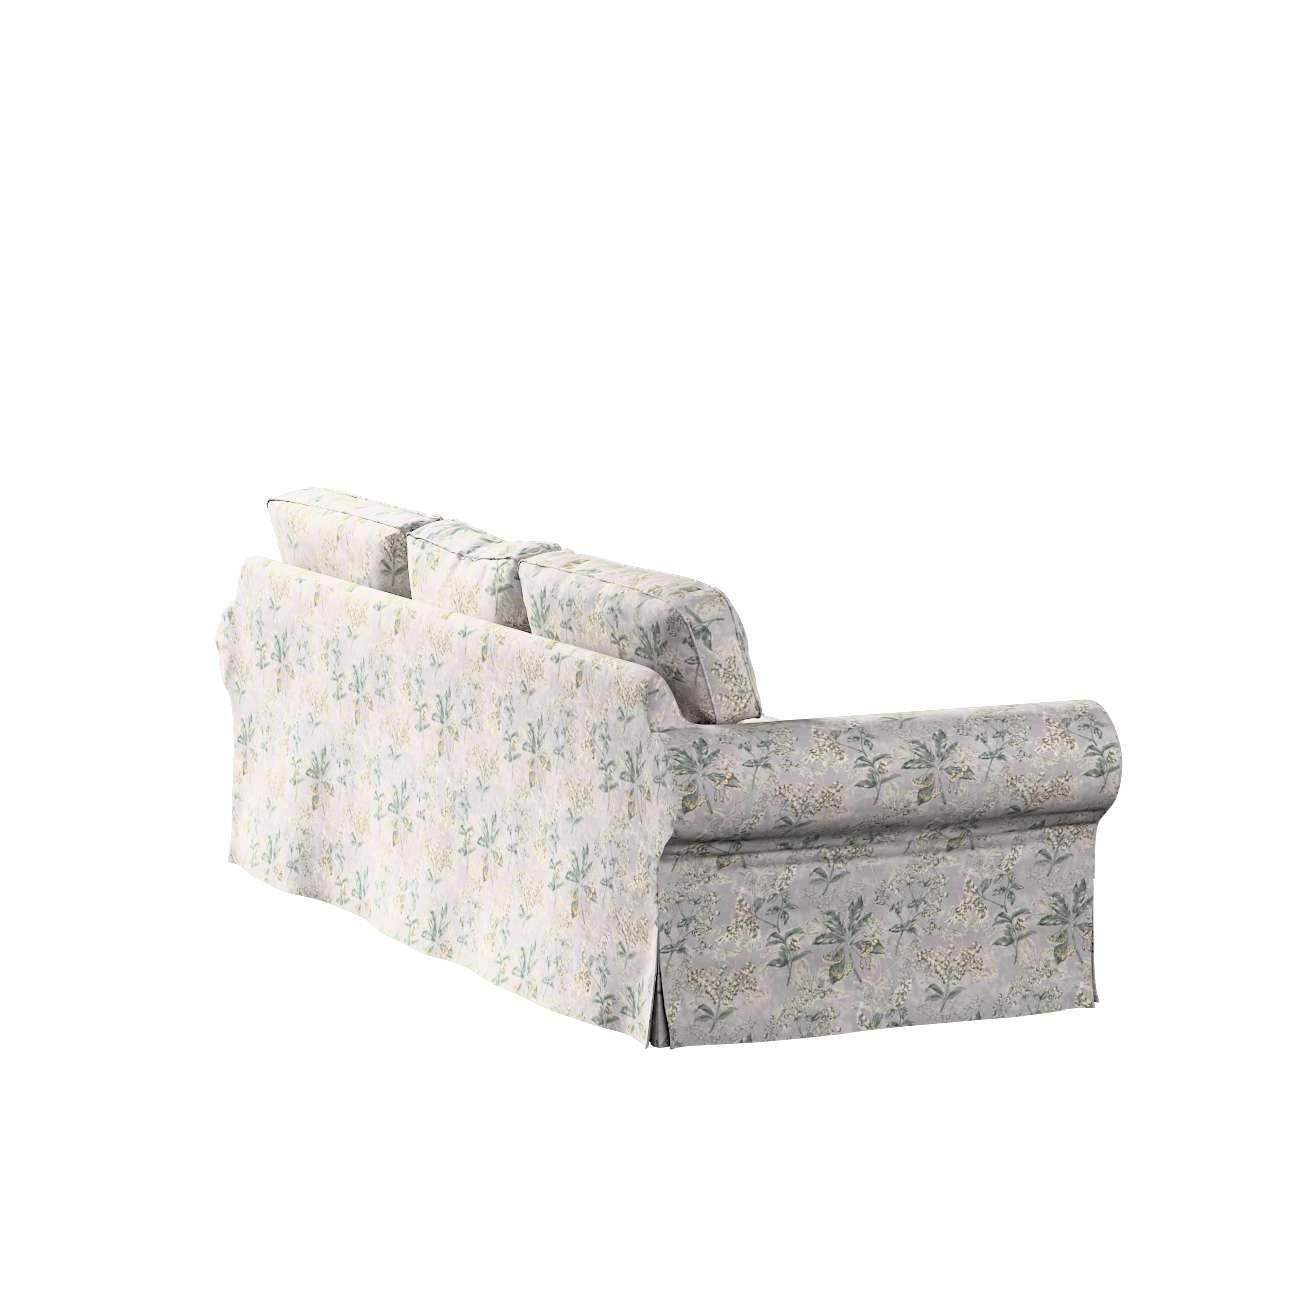 Pokrowiec na sofę Ektorp 3-osobową, rozkładaną, PIXBO w kolekcji Londres, tkanina: 143-37